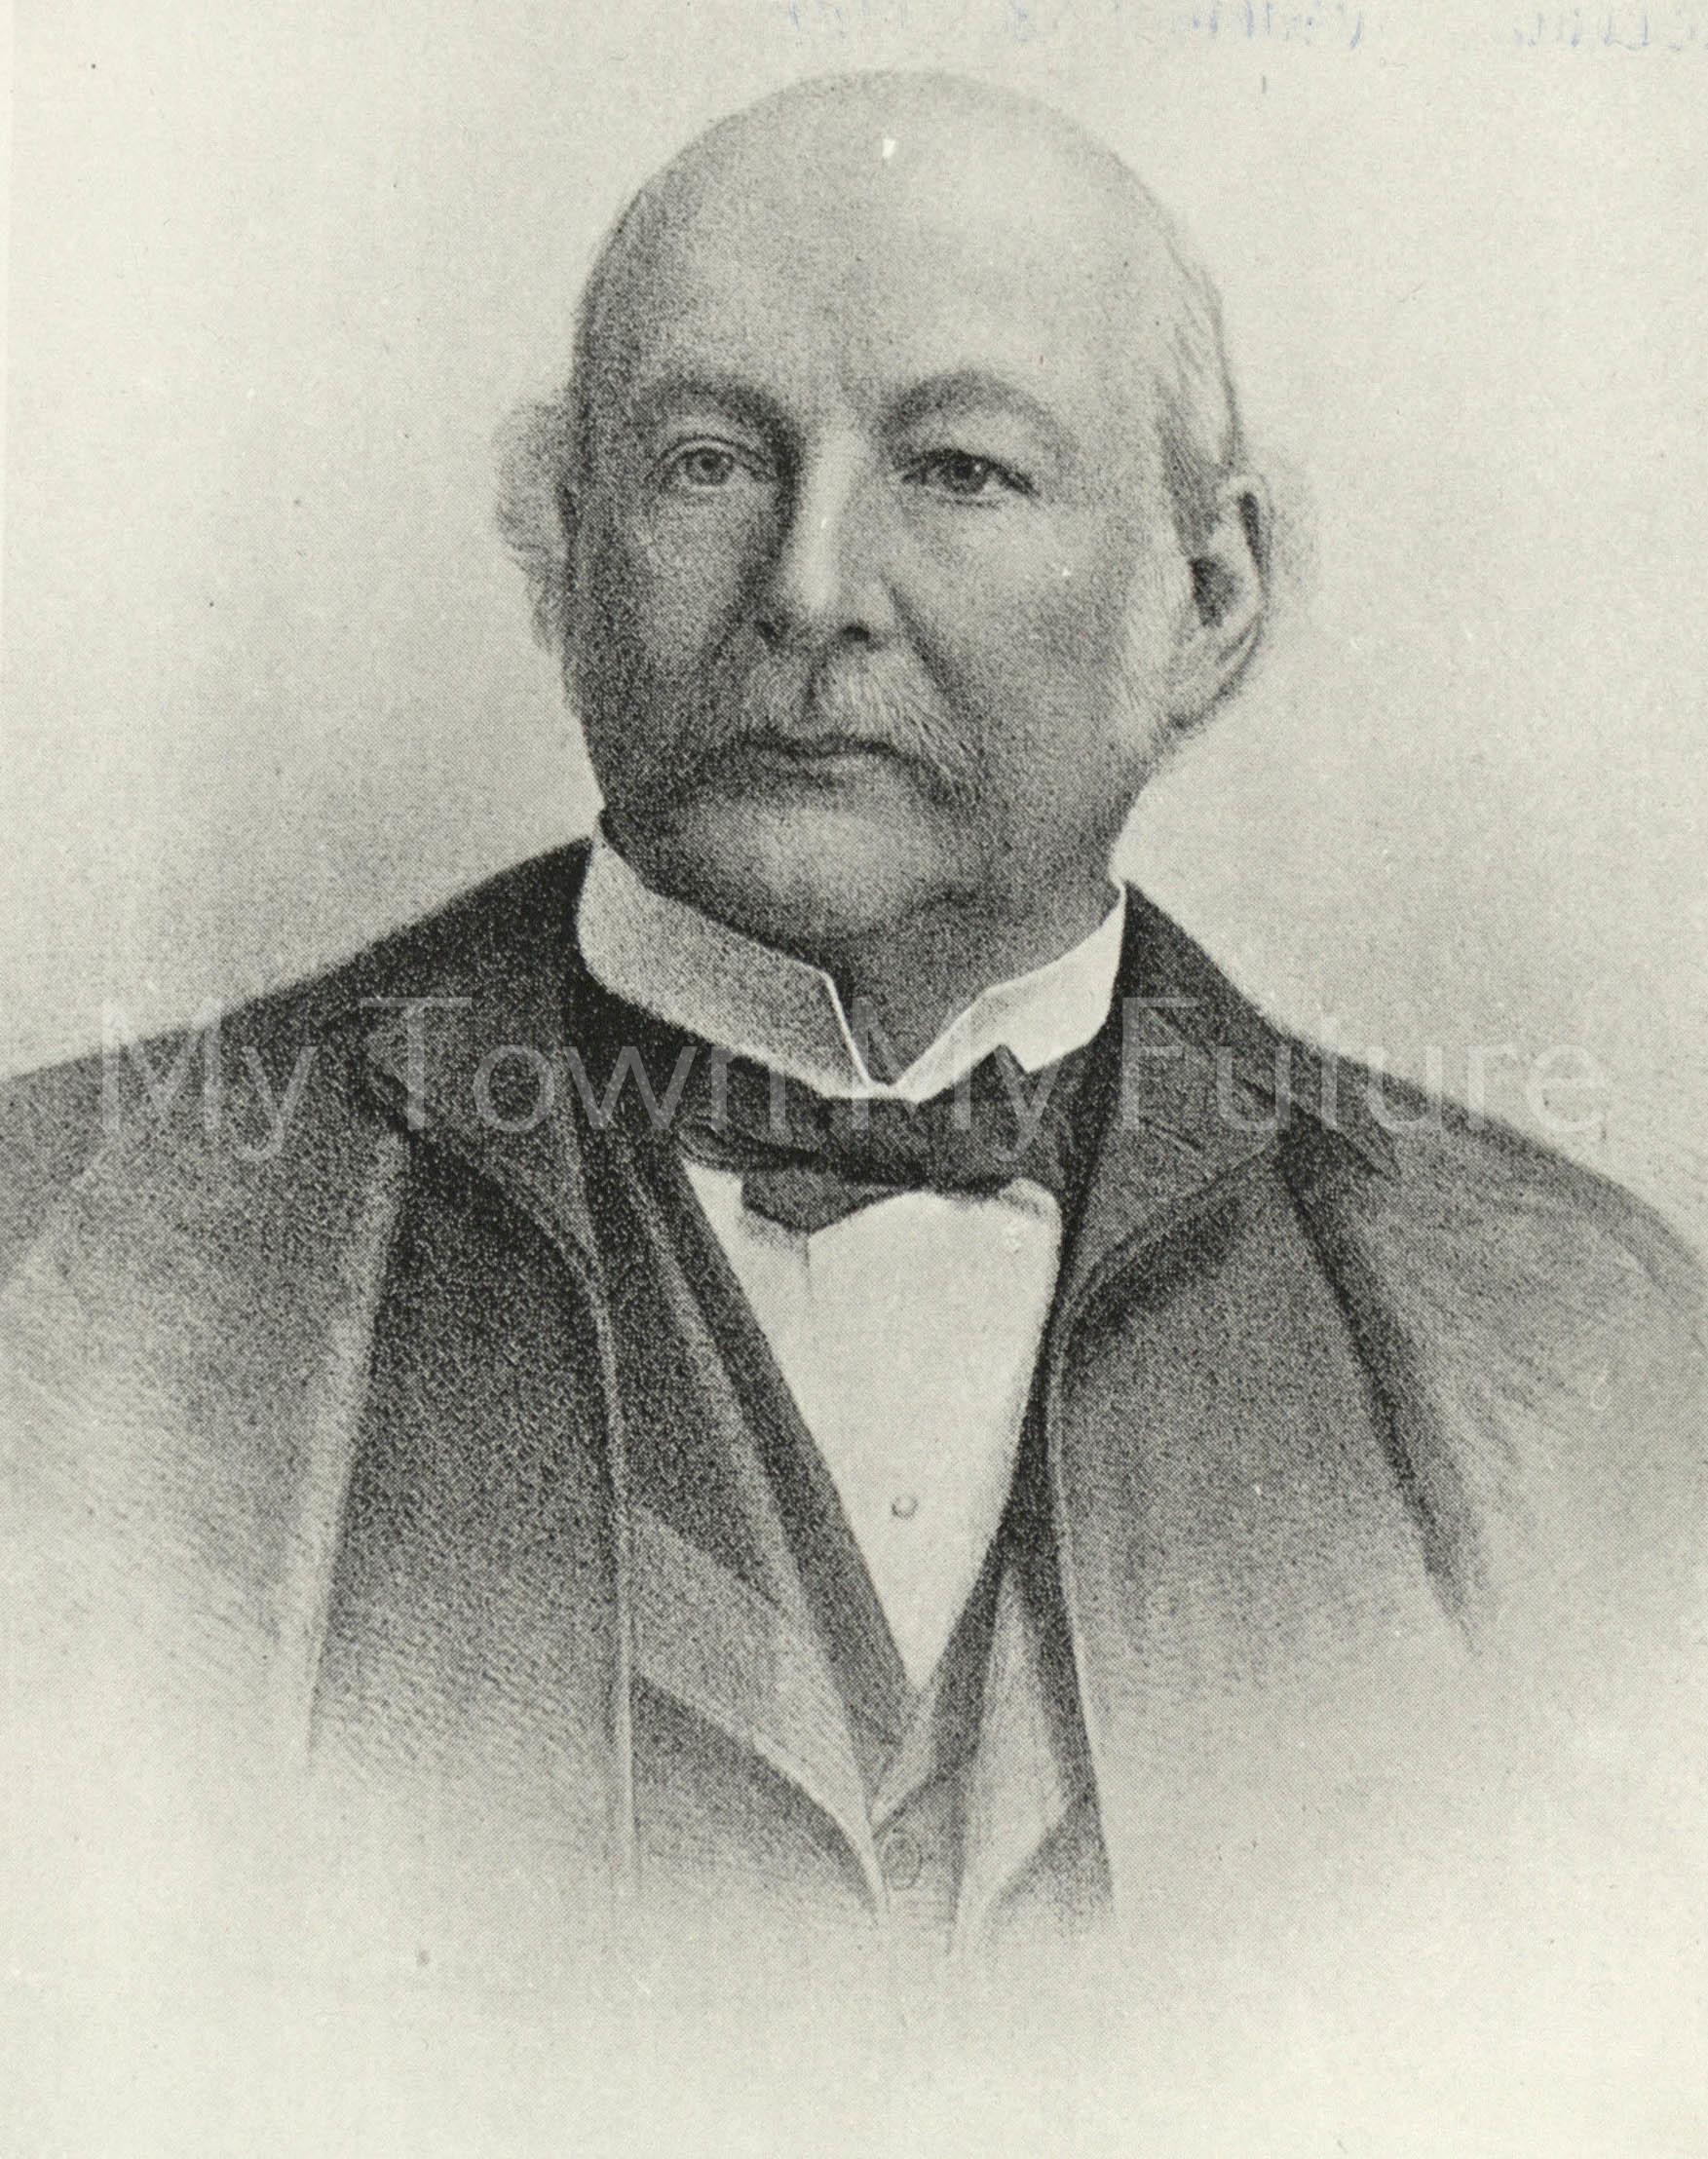 E. Windsor